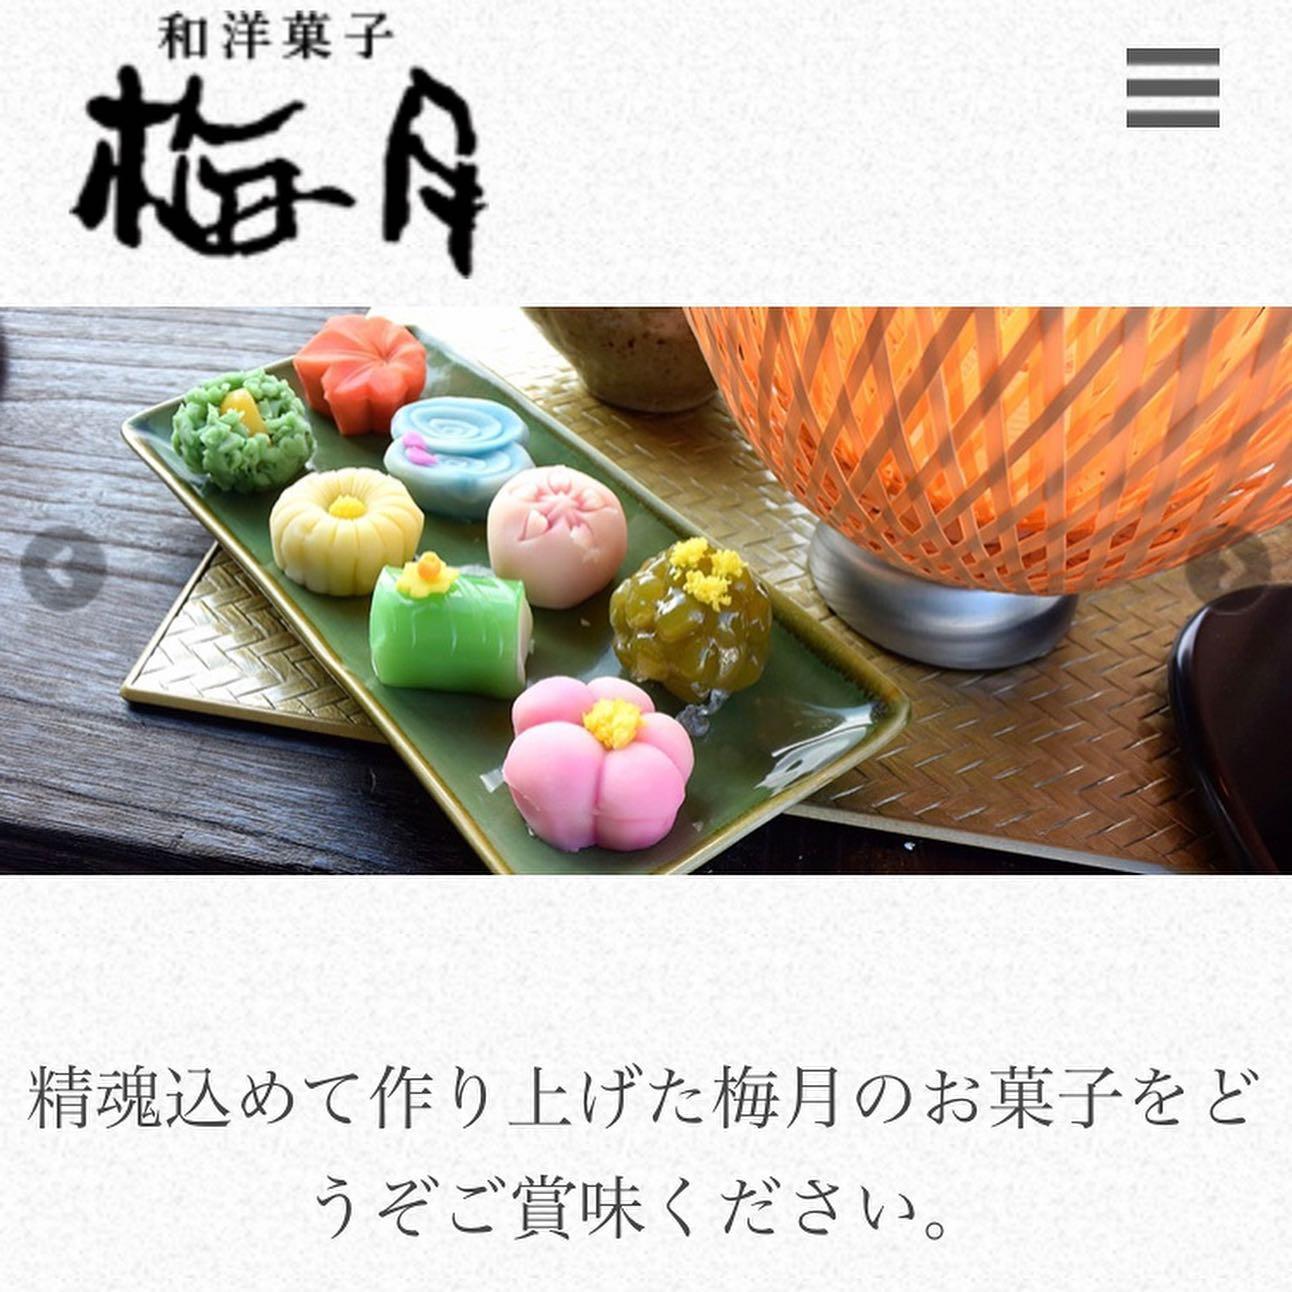 アビエス2020パートナー紹介-梅月-生菓子